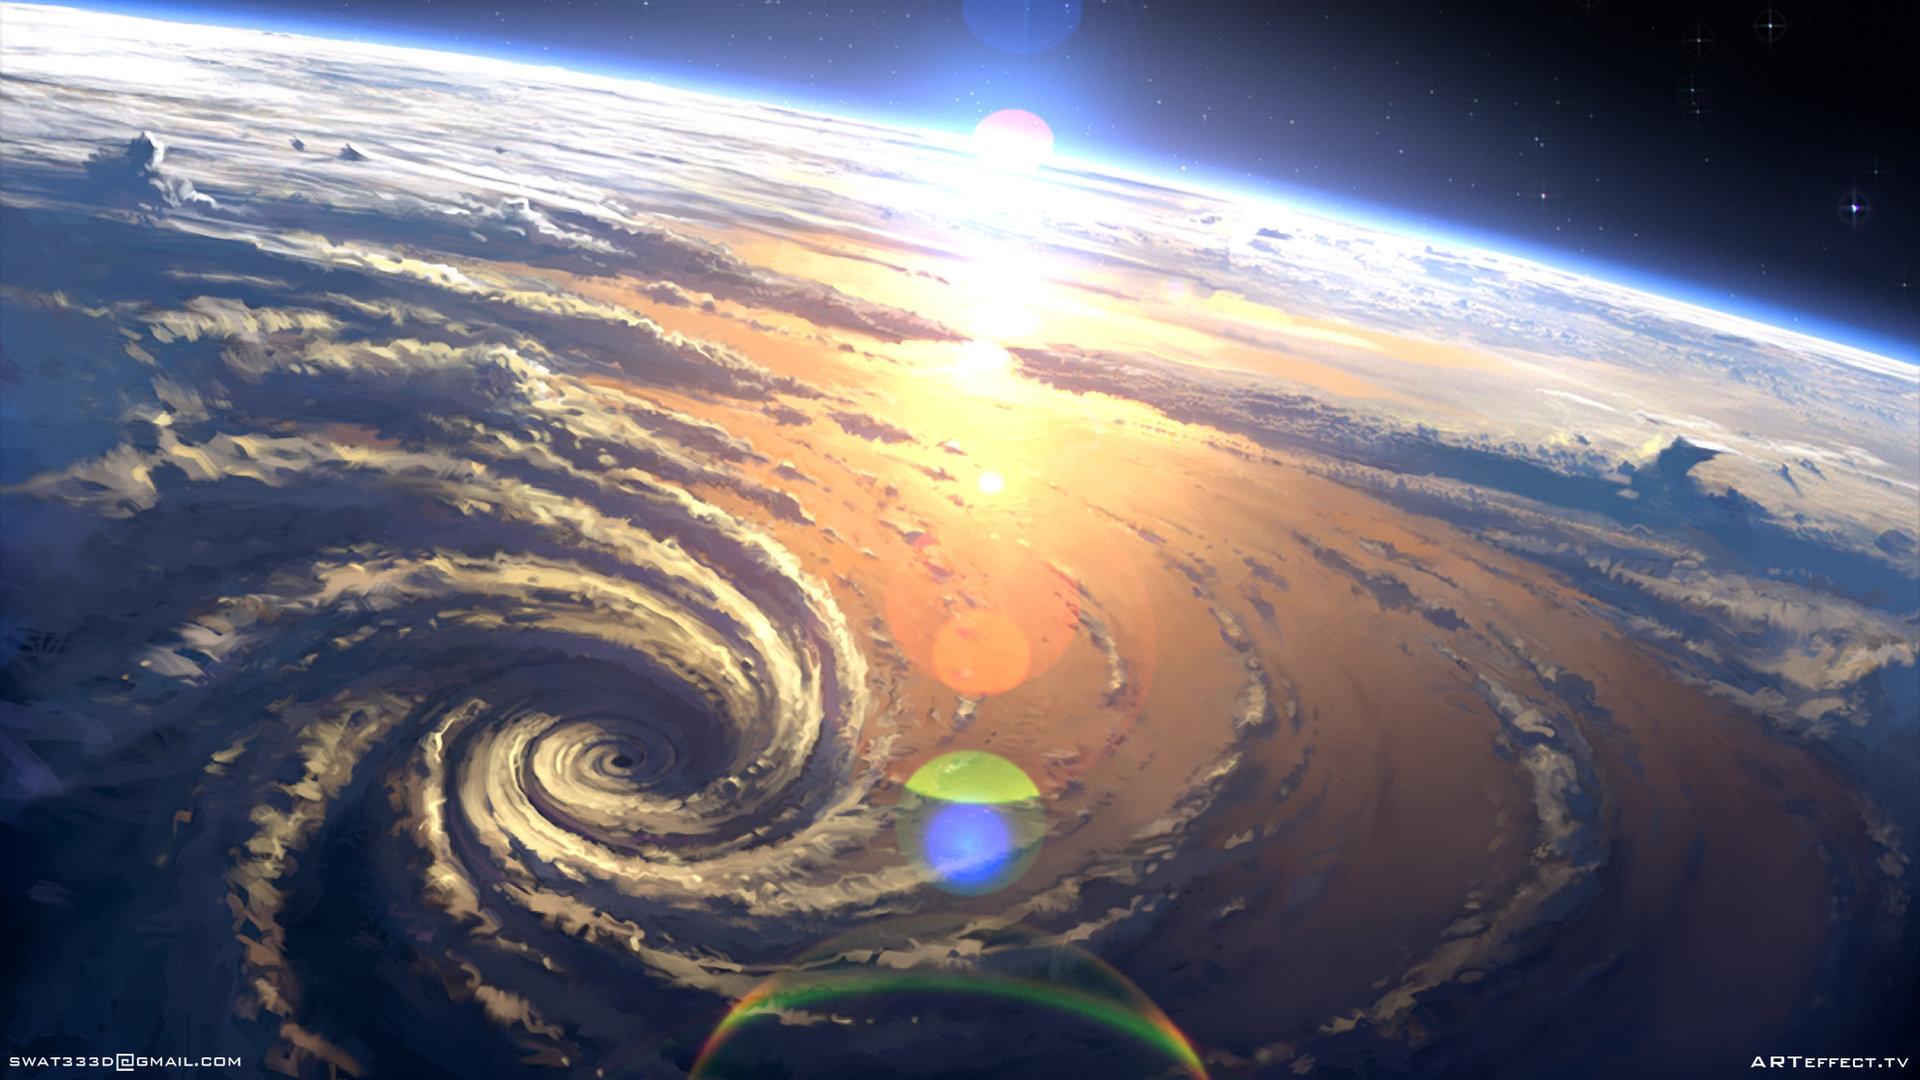 Sviatoslav gerasimchuk earth sky